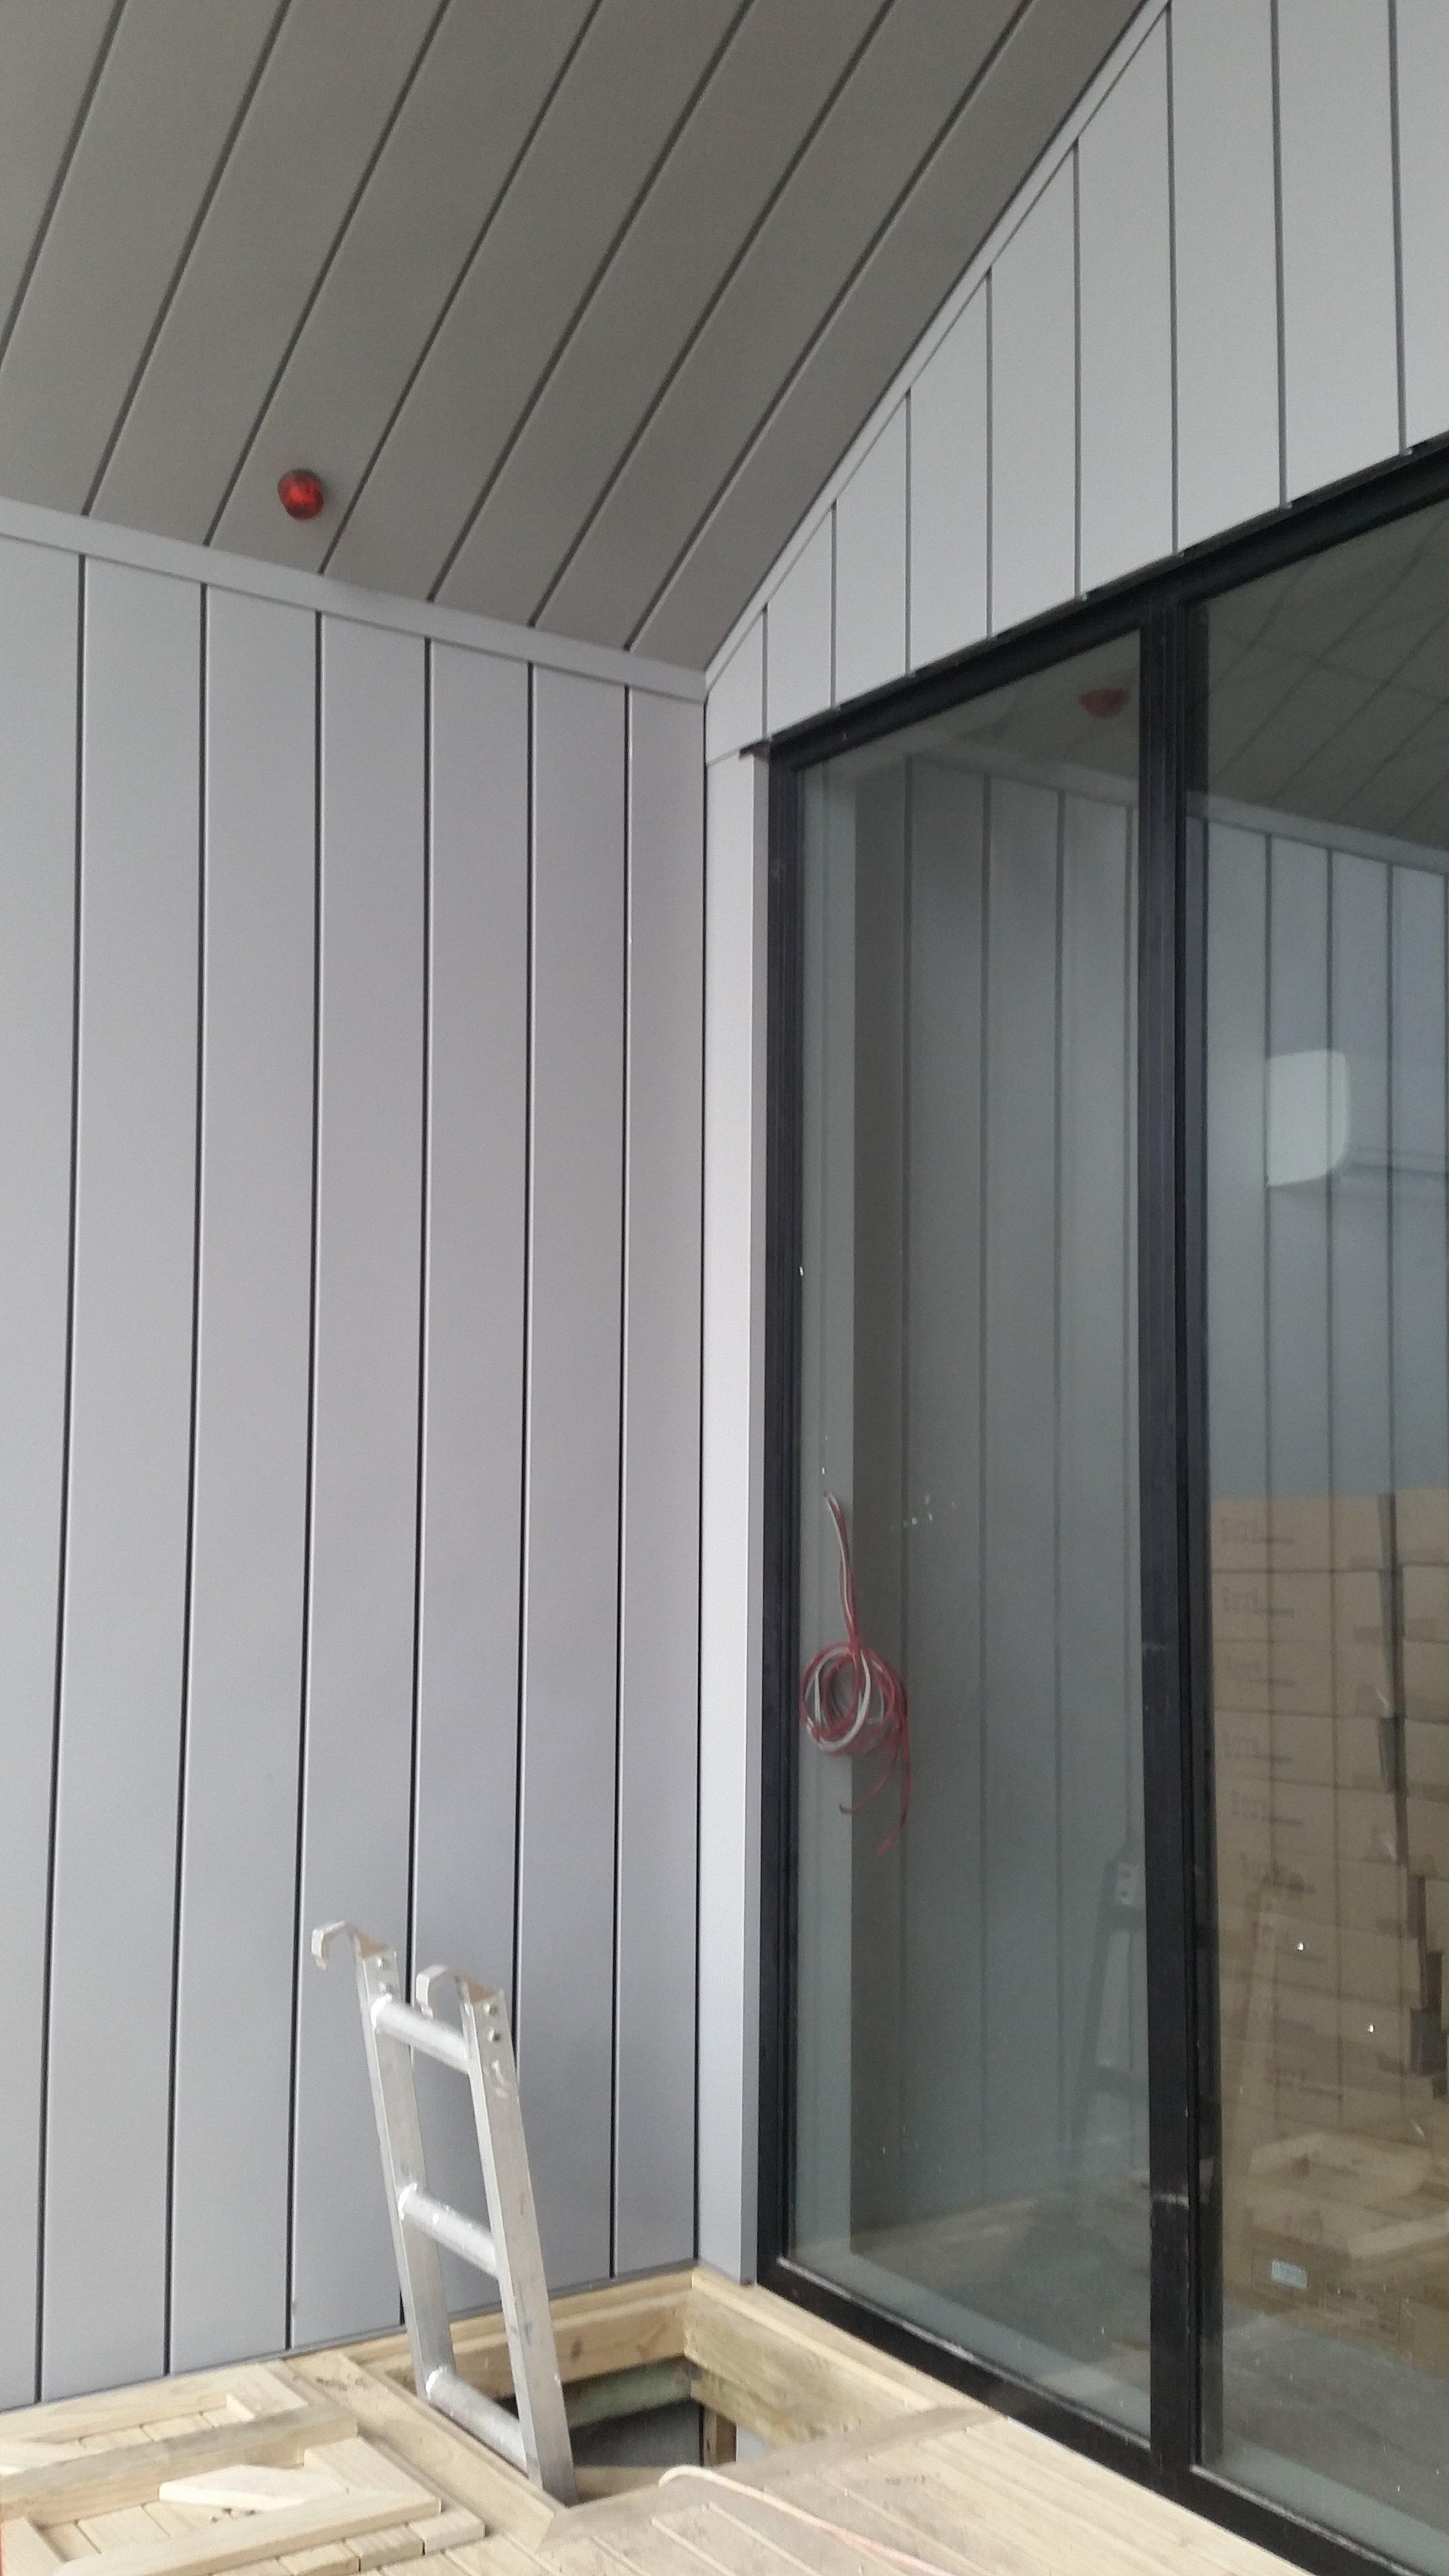 The-Roofing-Store-Steel-Metal-Interlocking-Panel-Sandstone-Grey-1.jpg.jpg